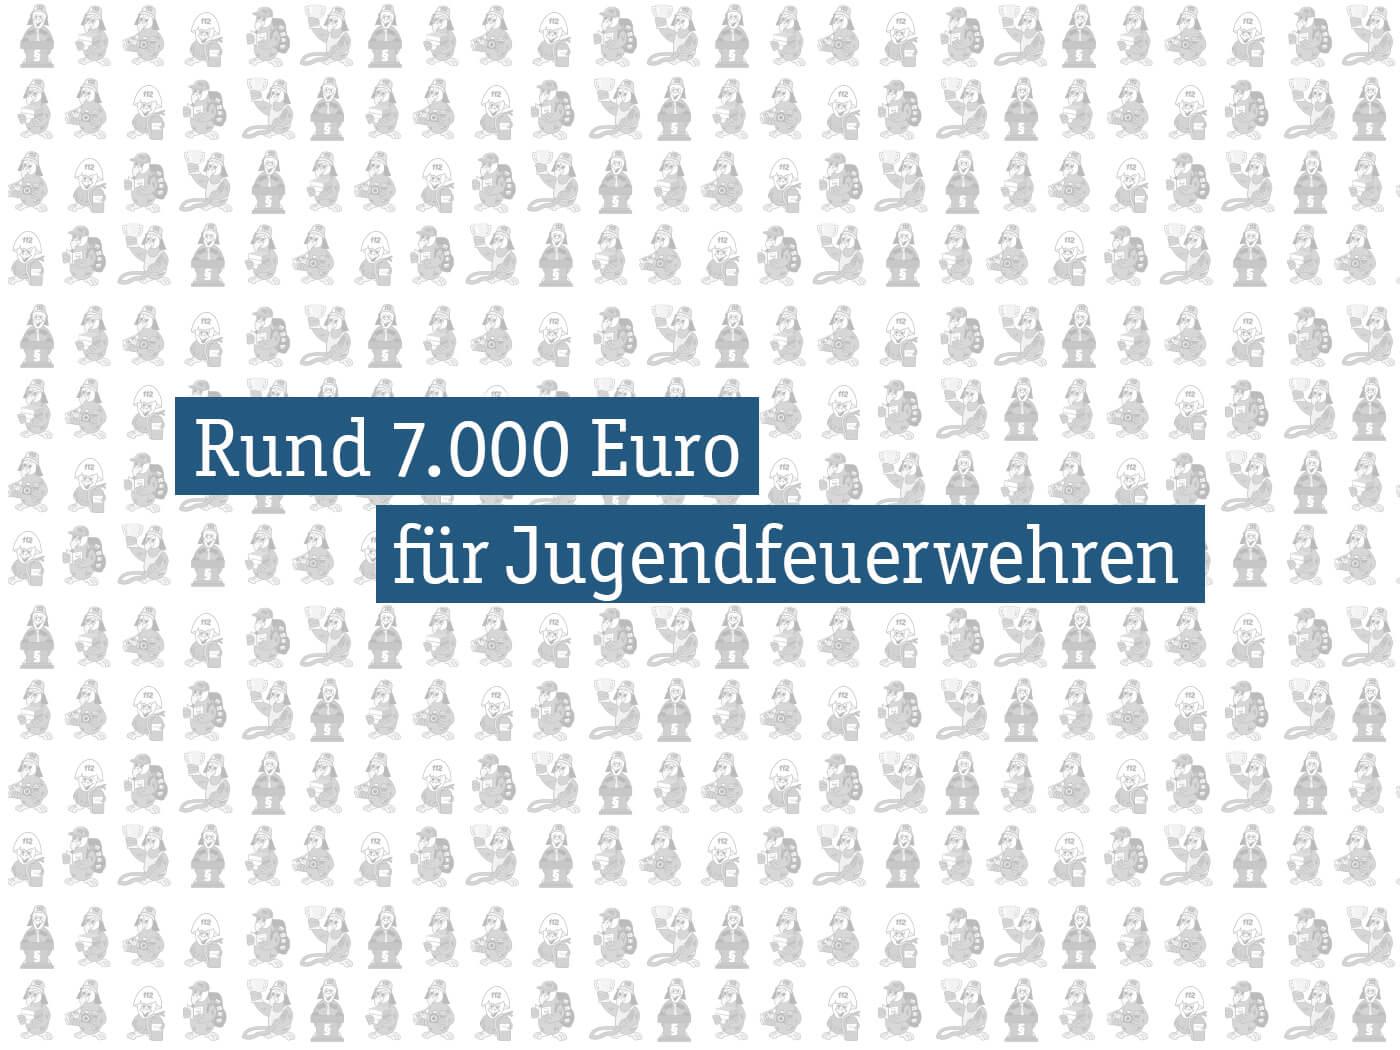 Rund 7.000 Euro für Jugendfeuerwehren